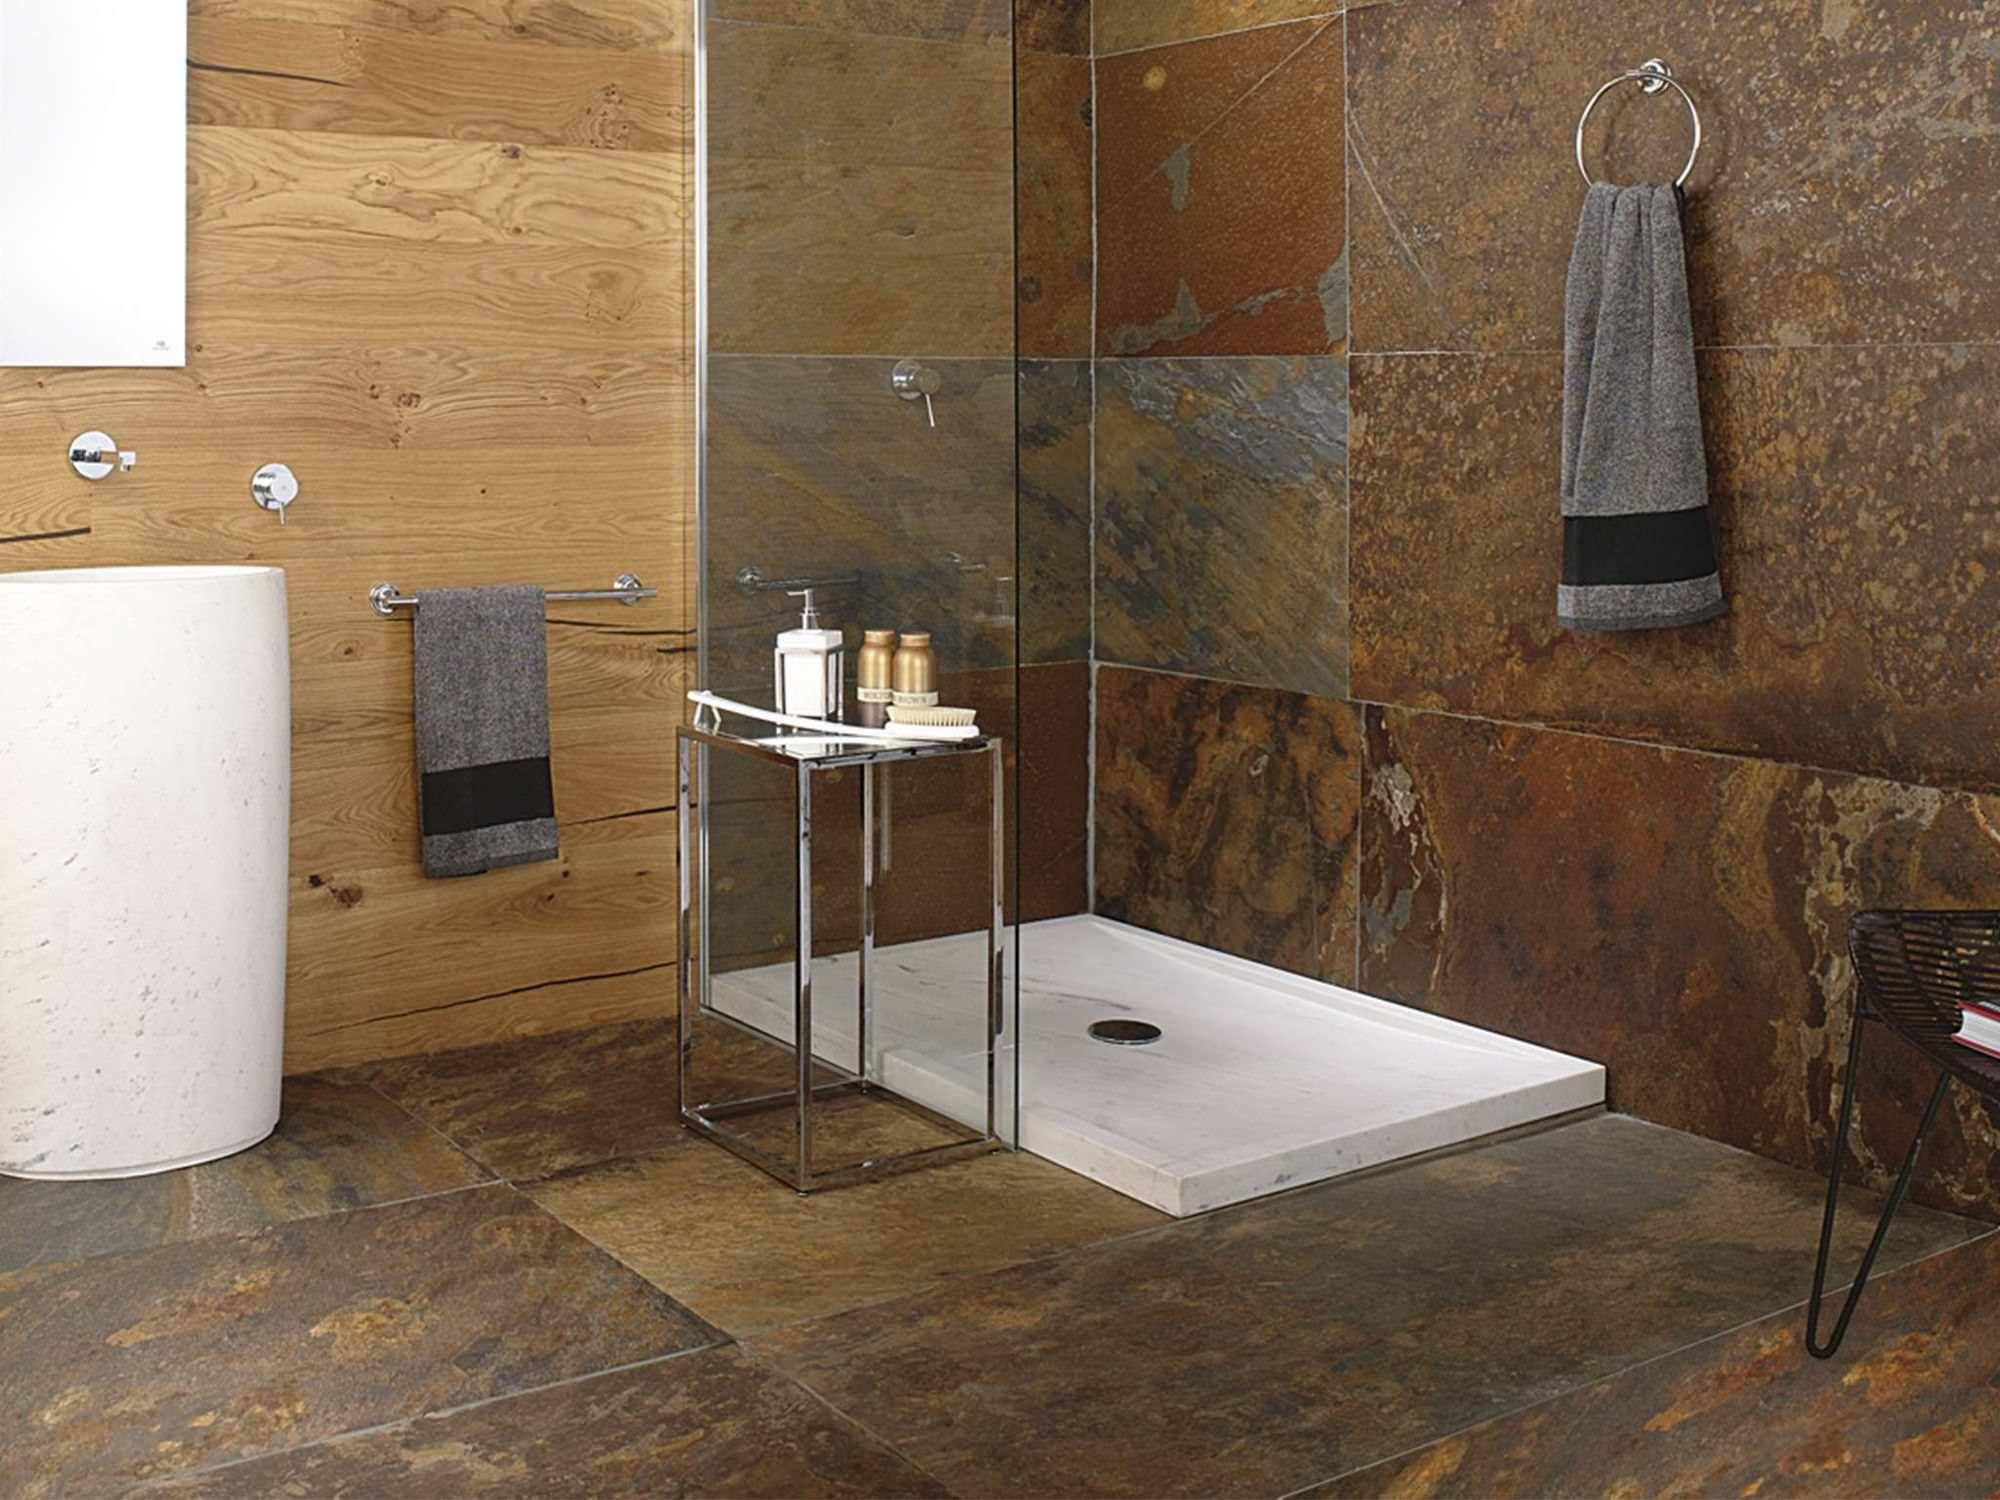 Pannelli per rivestimento cucina for Pannelli rivestimento doccia